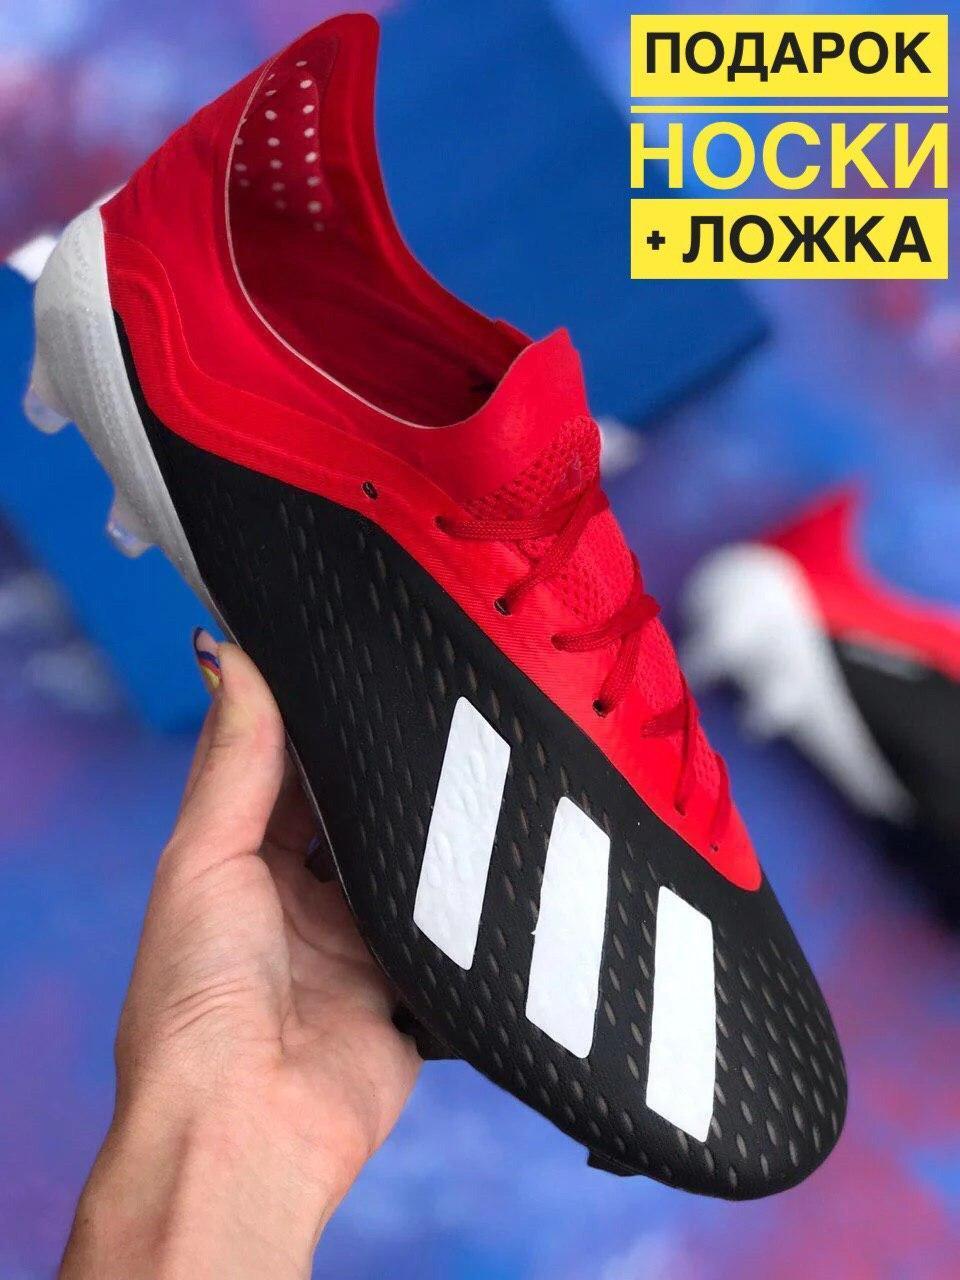 Бутси Adidas X 18.1/ футбольна взуття(репліка)